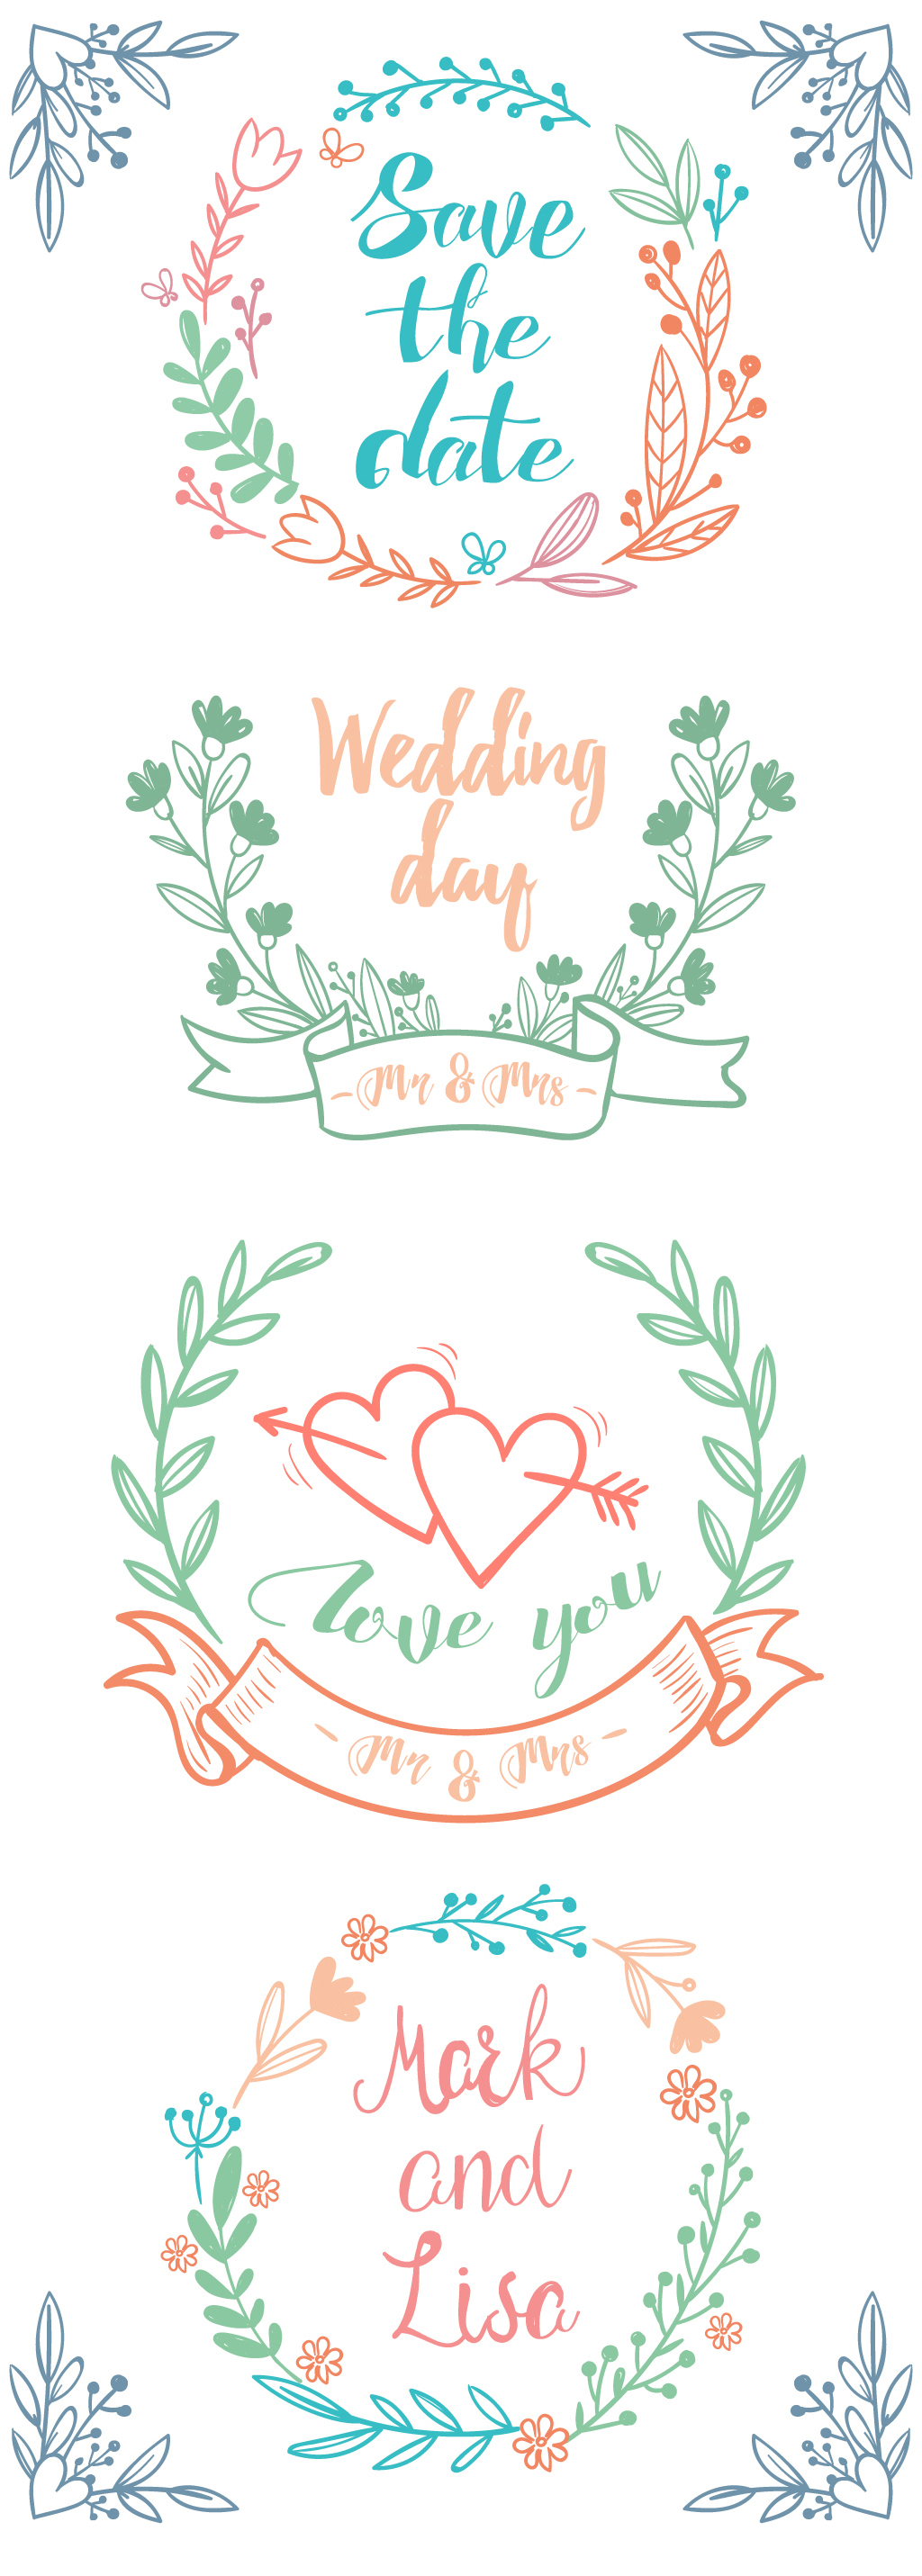 手绘水彩植物花卉婚礼设计元素手绘花边矢量